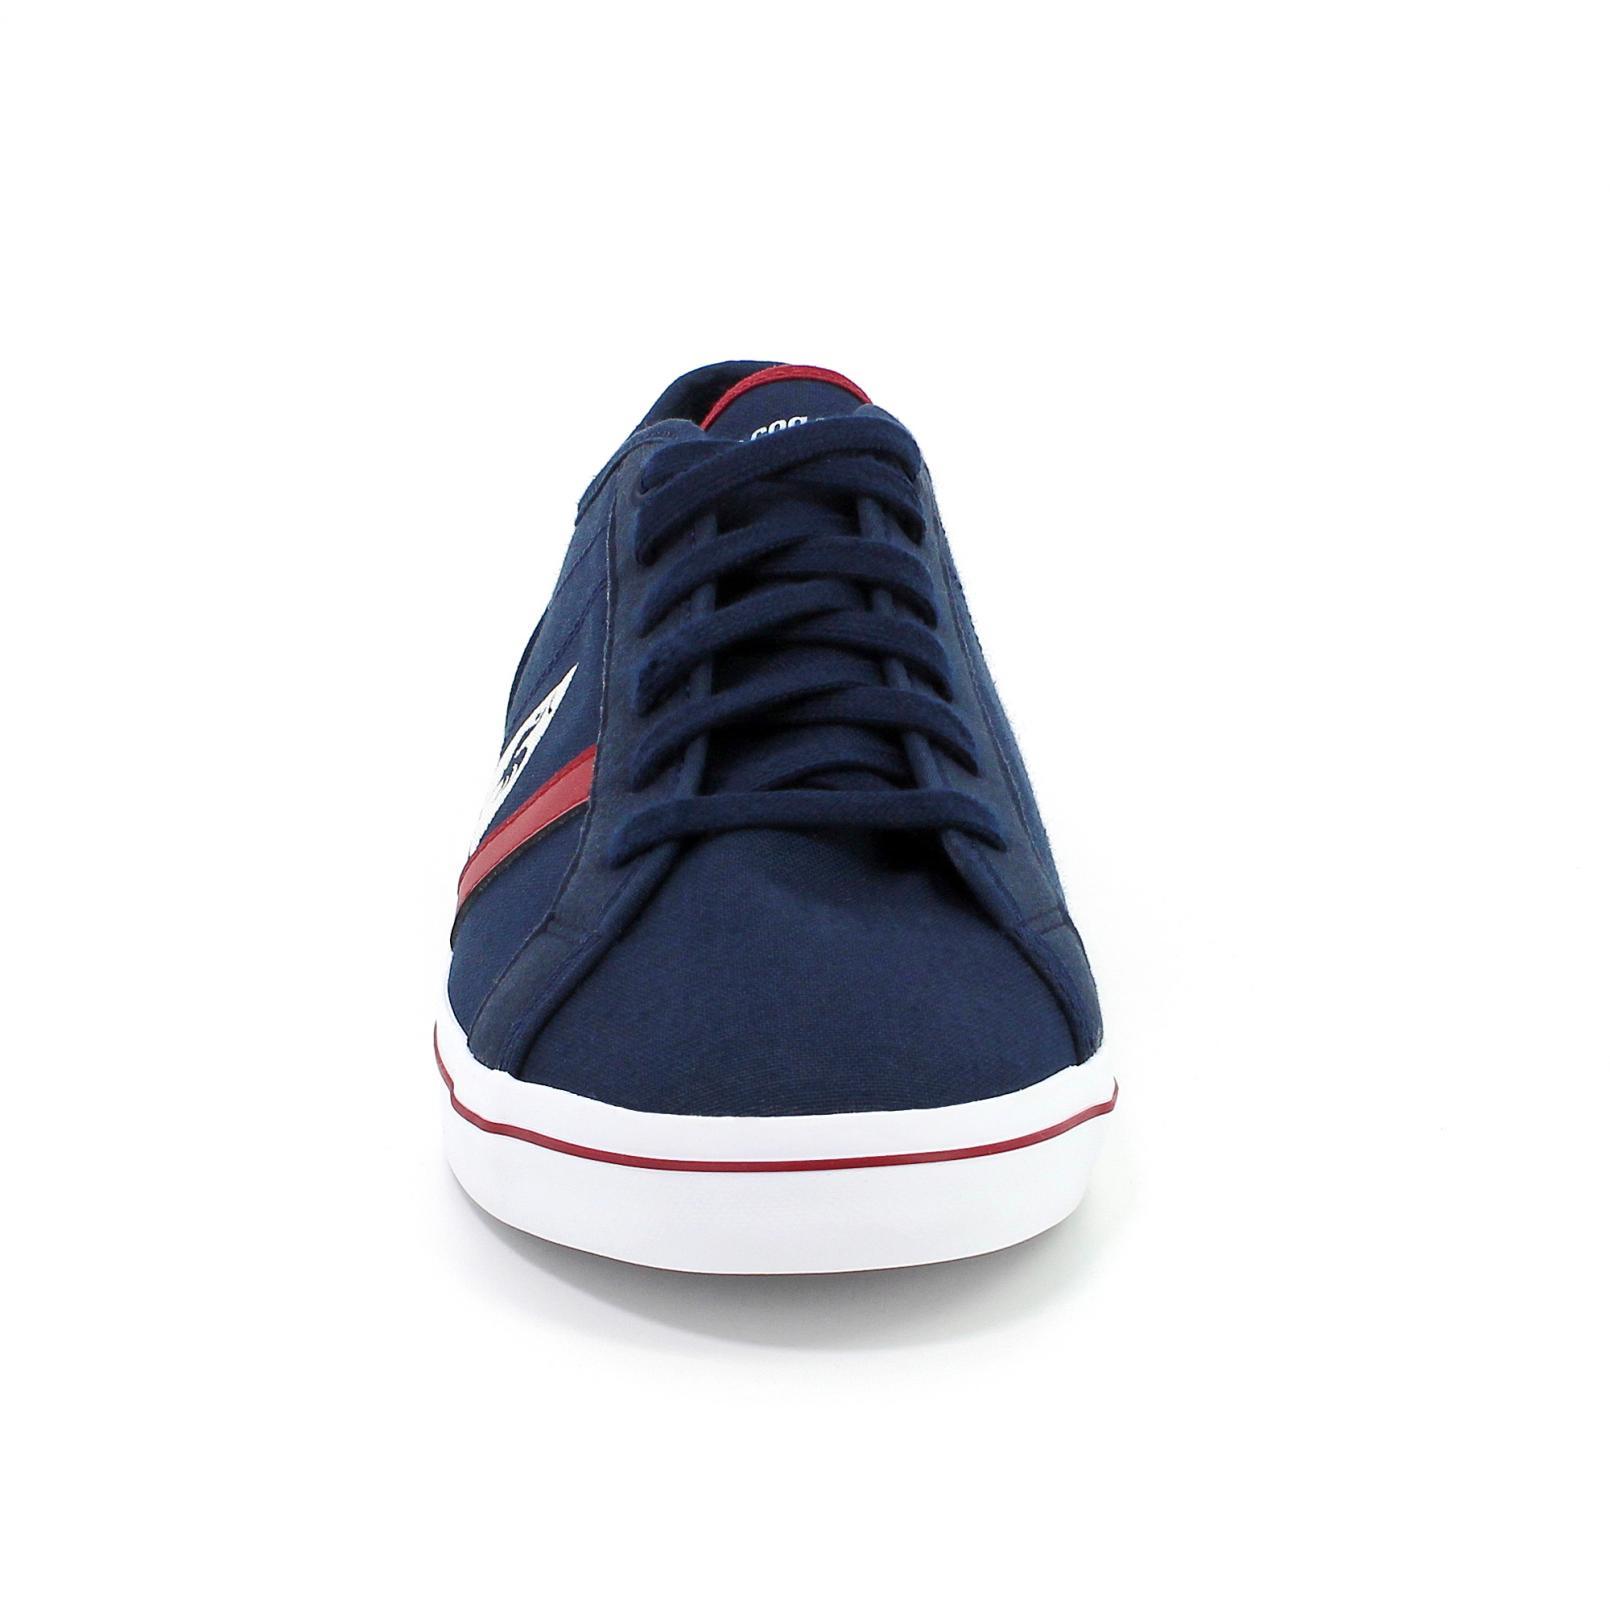 Shoes – Le Coq Sportif Aceone Cvs Blue